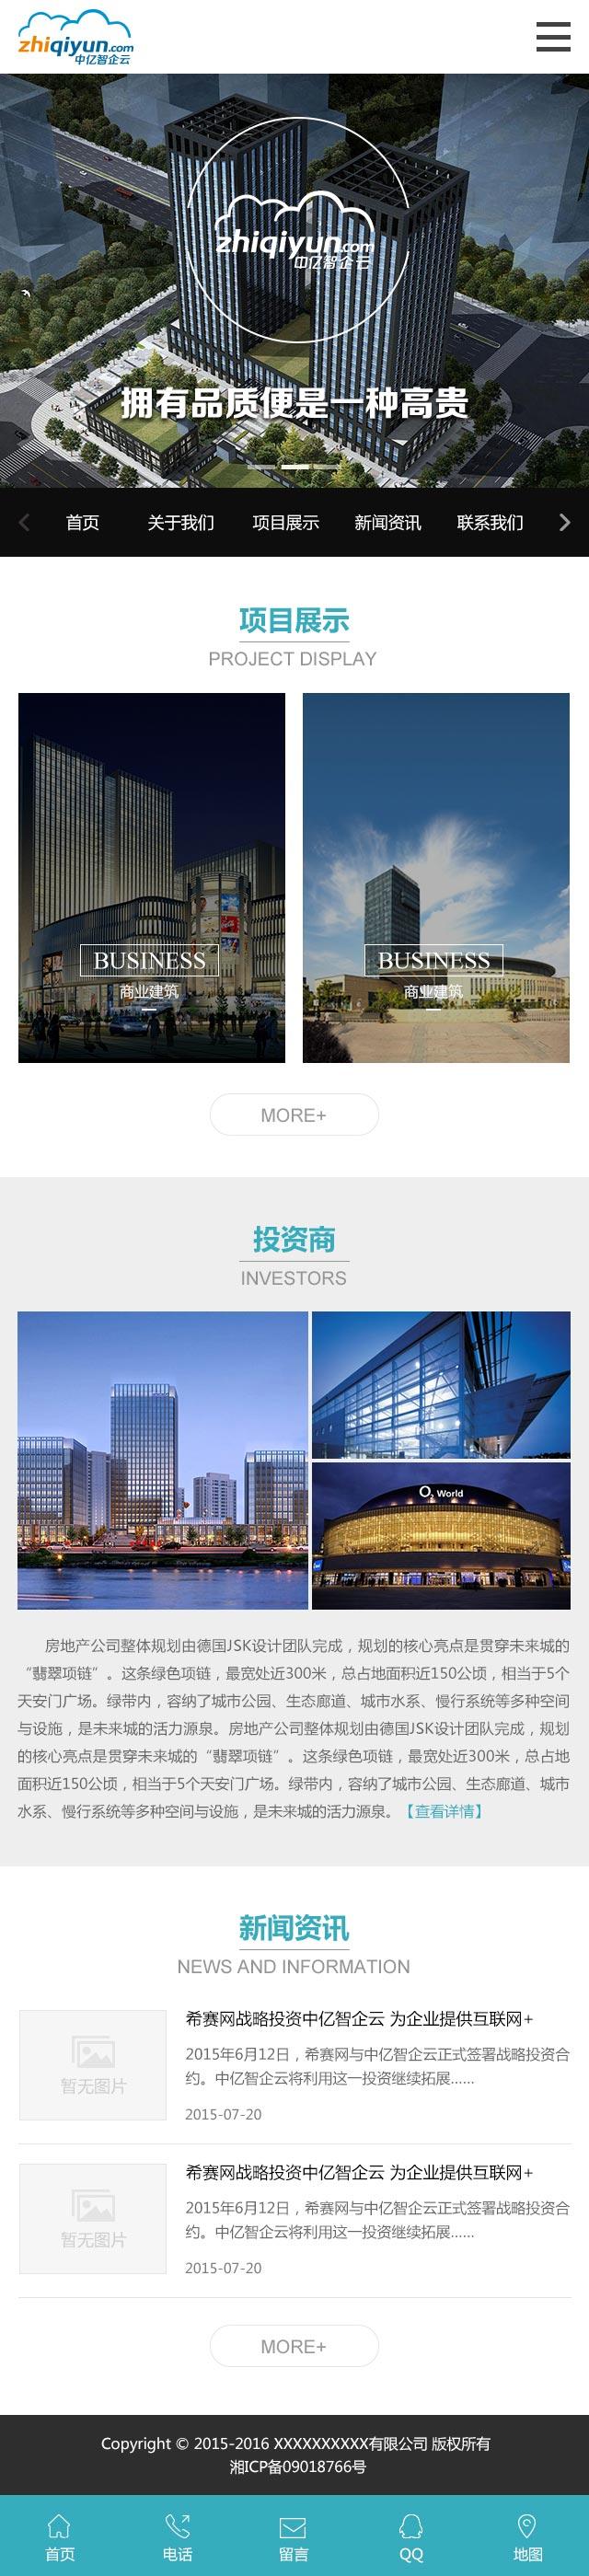 房地产营销网站设计方案